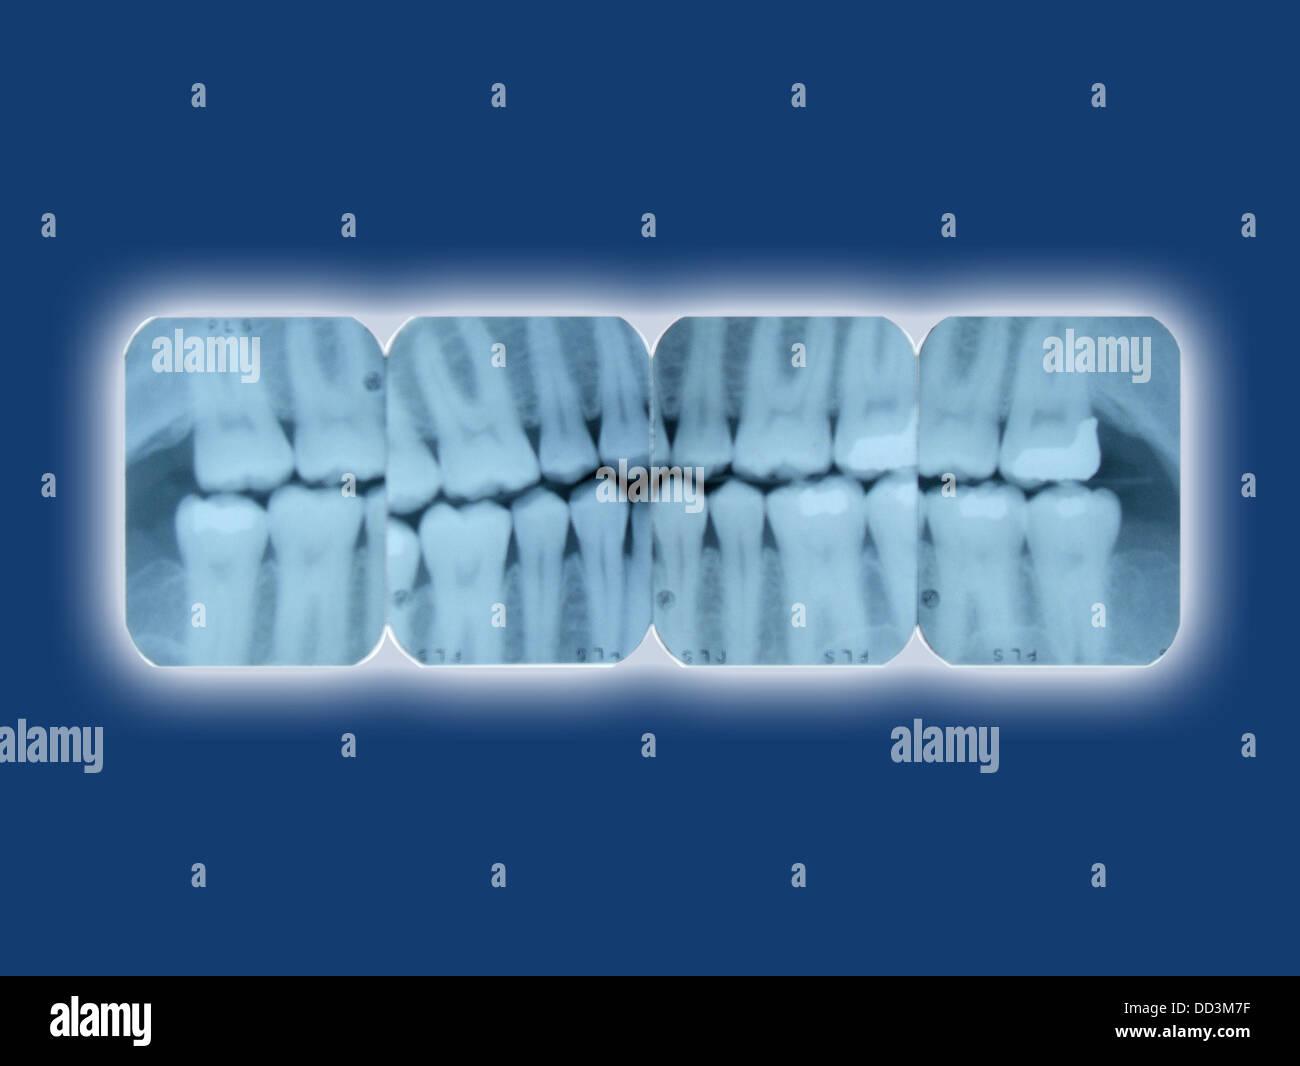 Apparecchiature odontoiatriche a raggi x e lastre incandescente su uno sfondo blu Immagini Stock